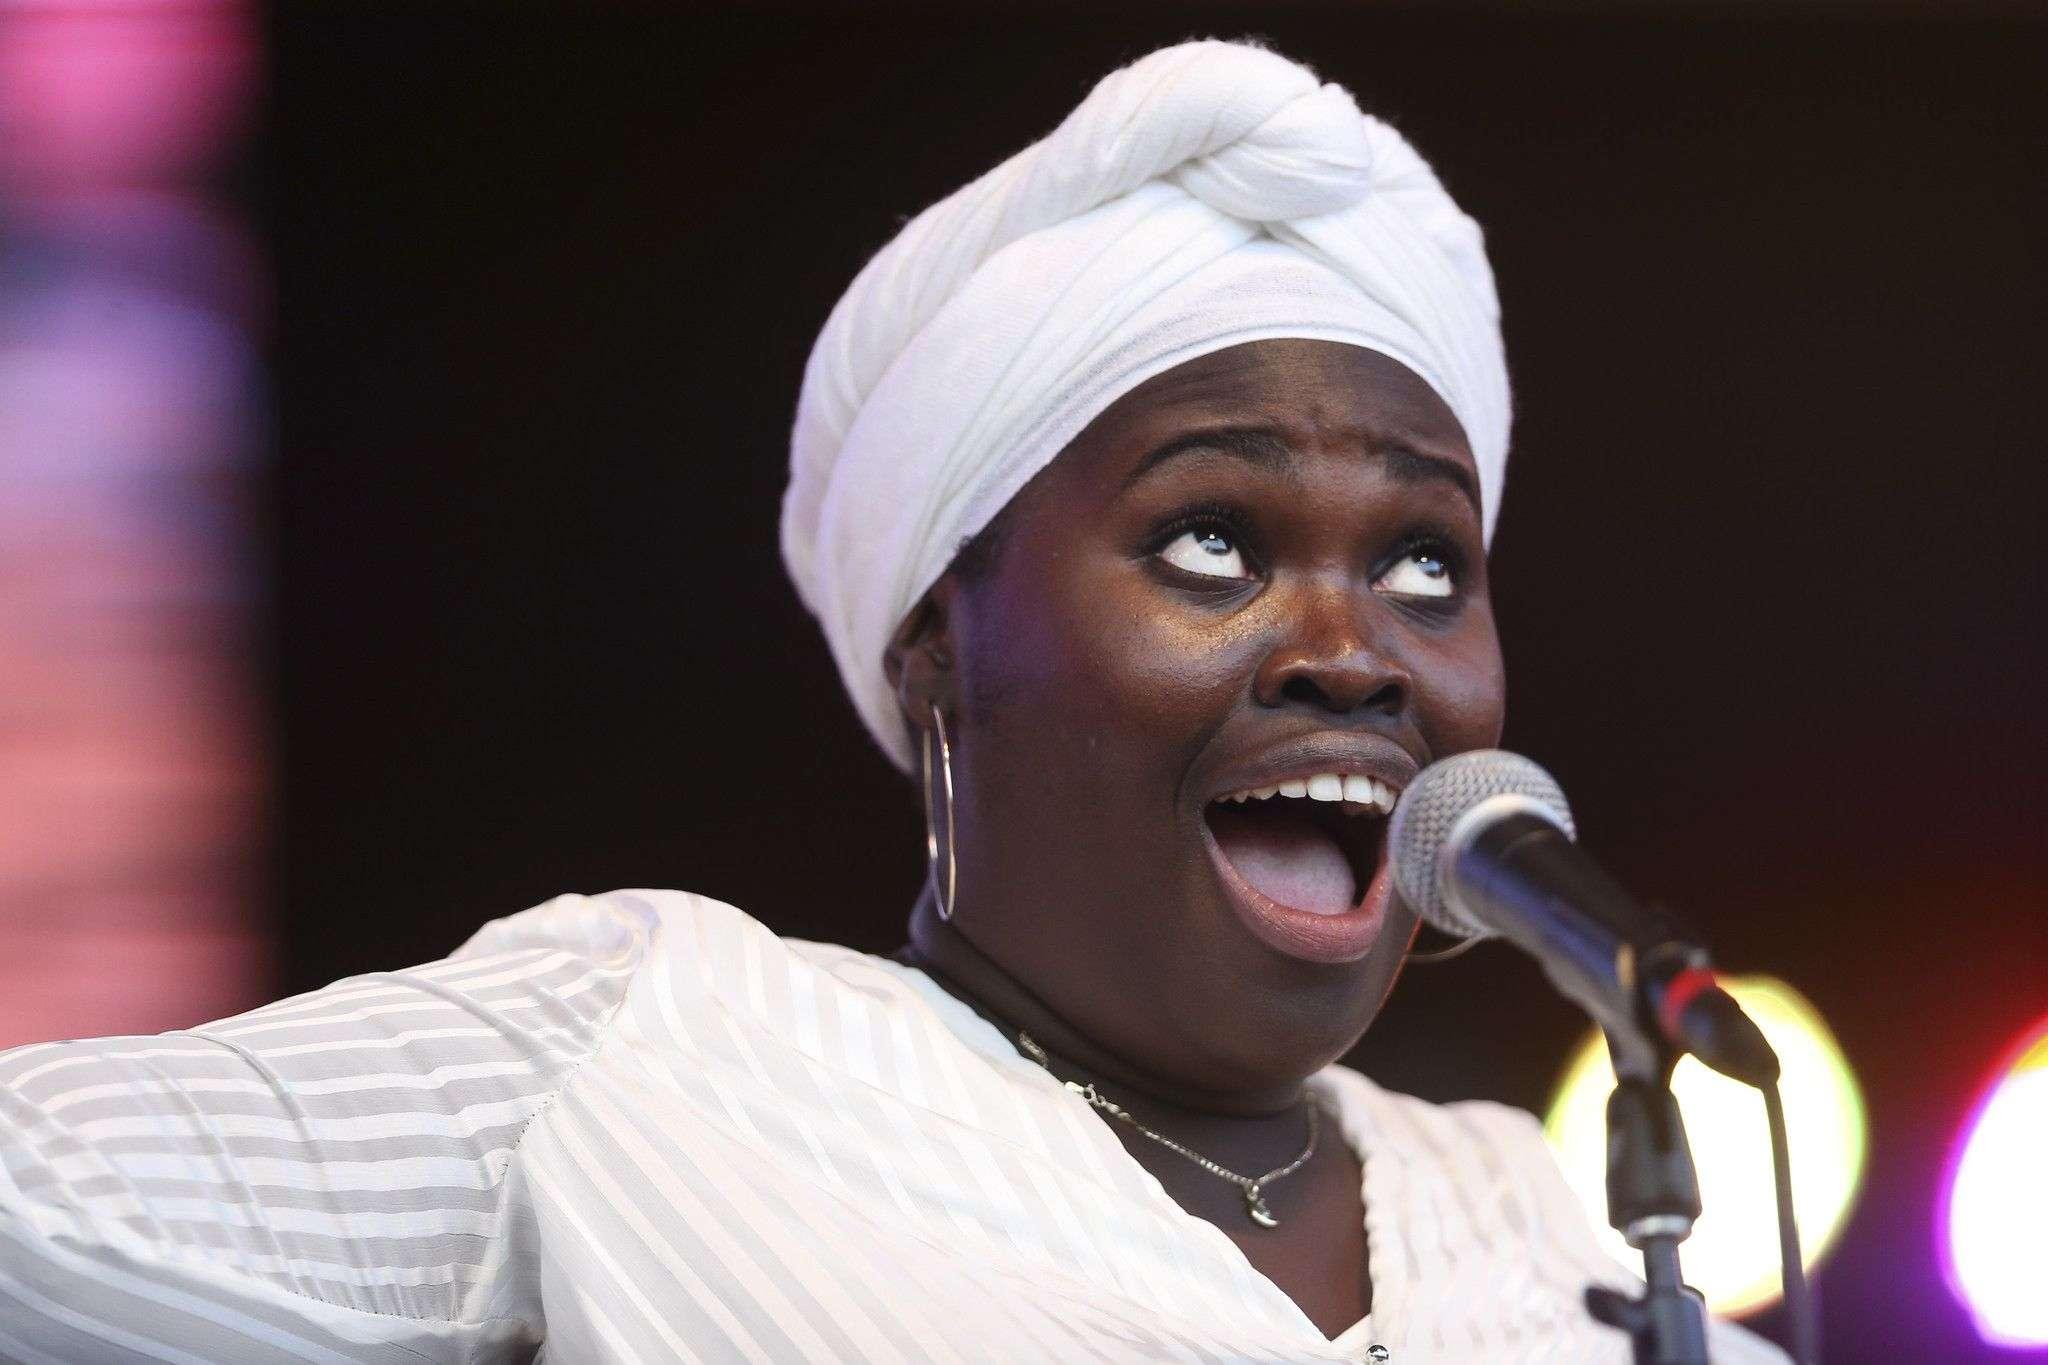 Daymé Arocena, una de las artistas presentes en La voz humana. Foto tomada de su página personal.